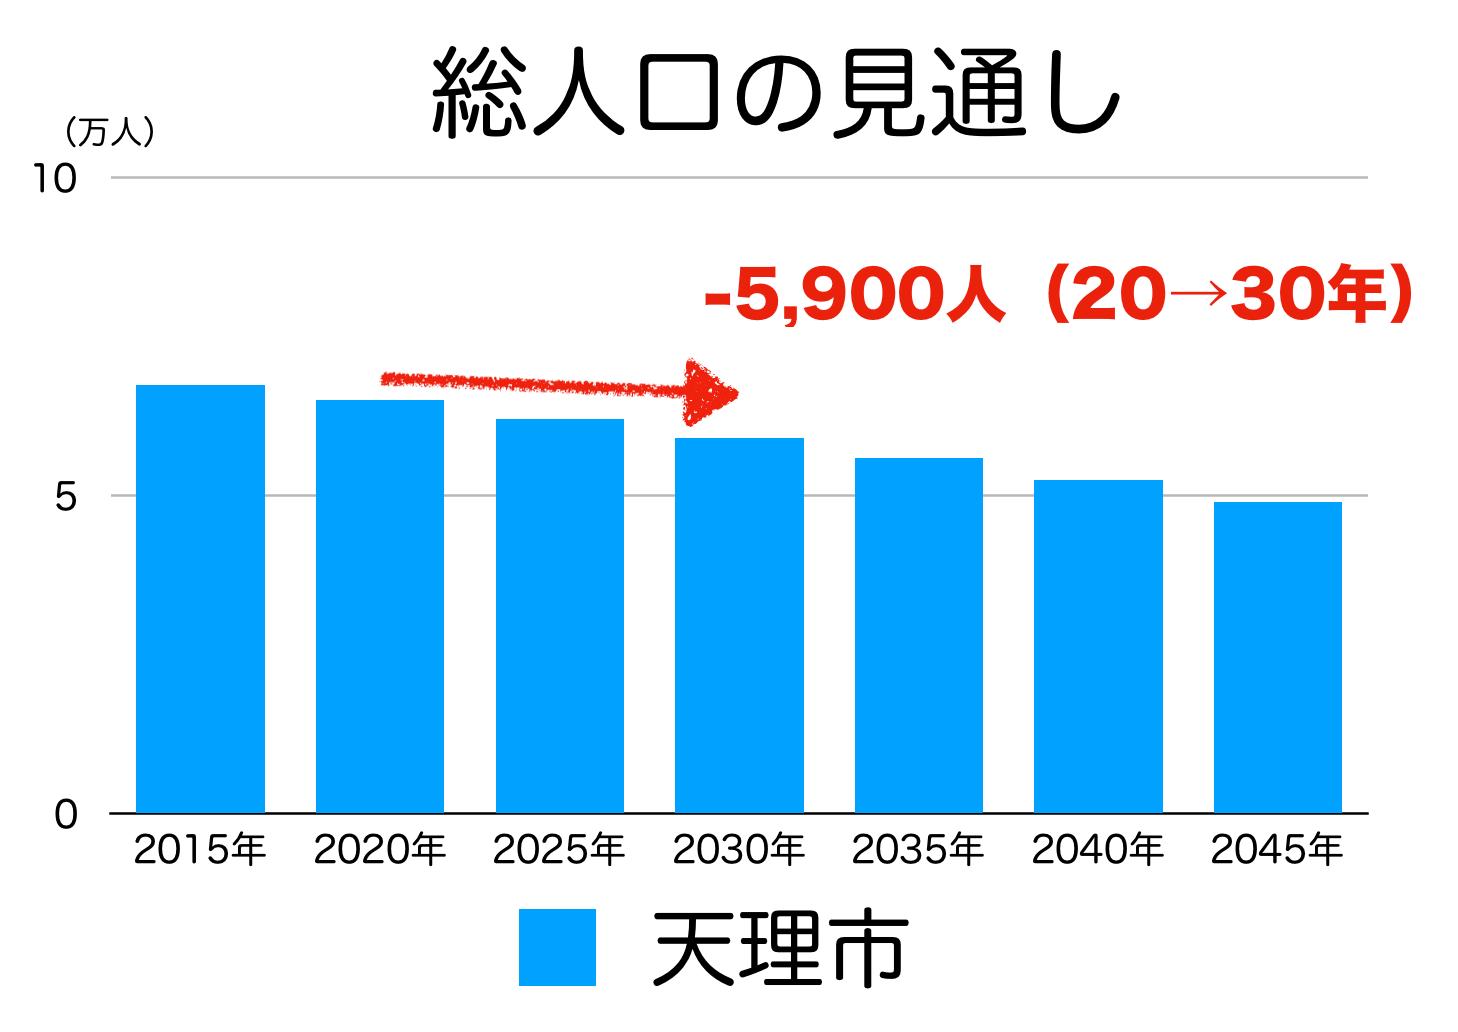 天理市の人口予測